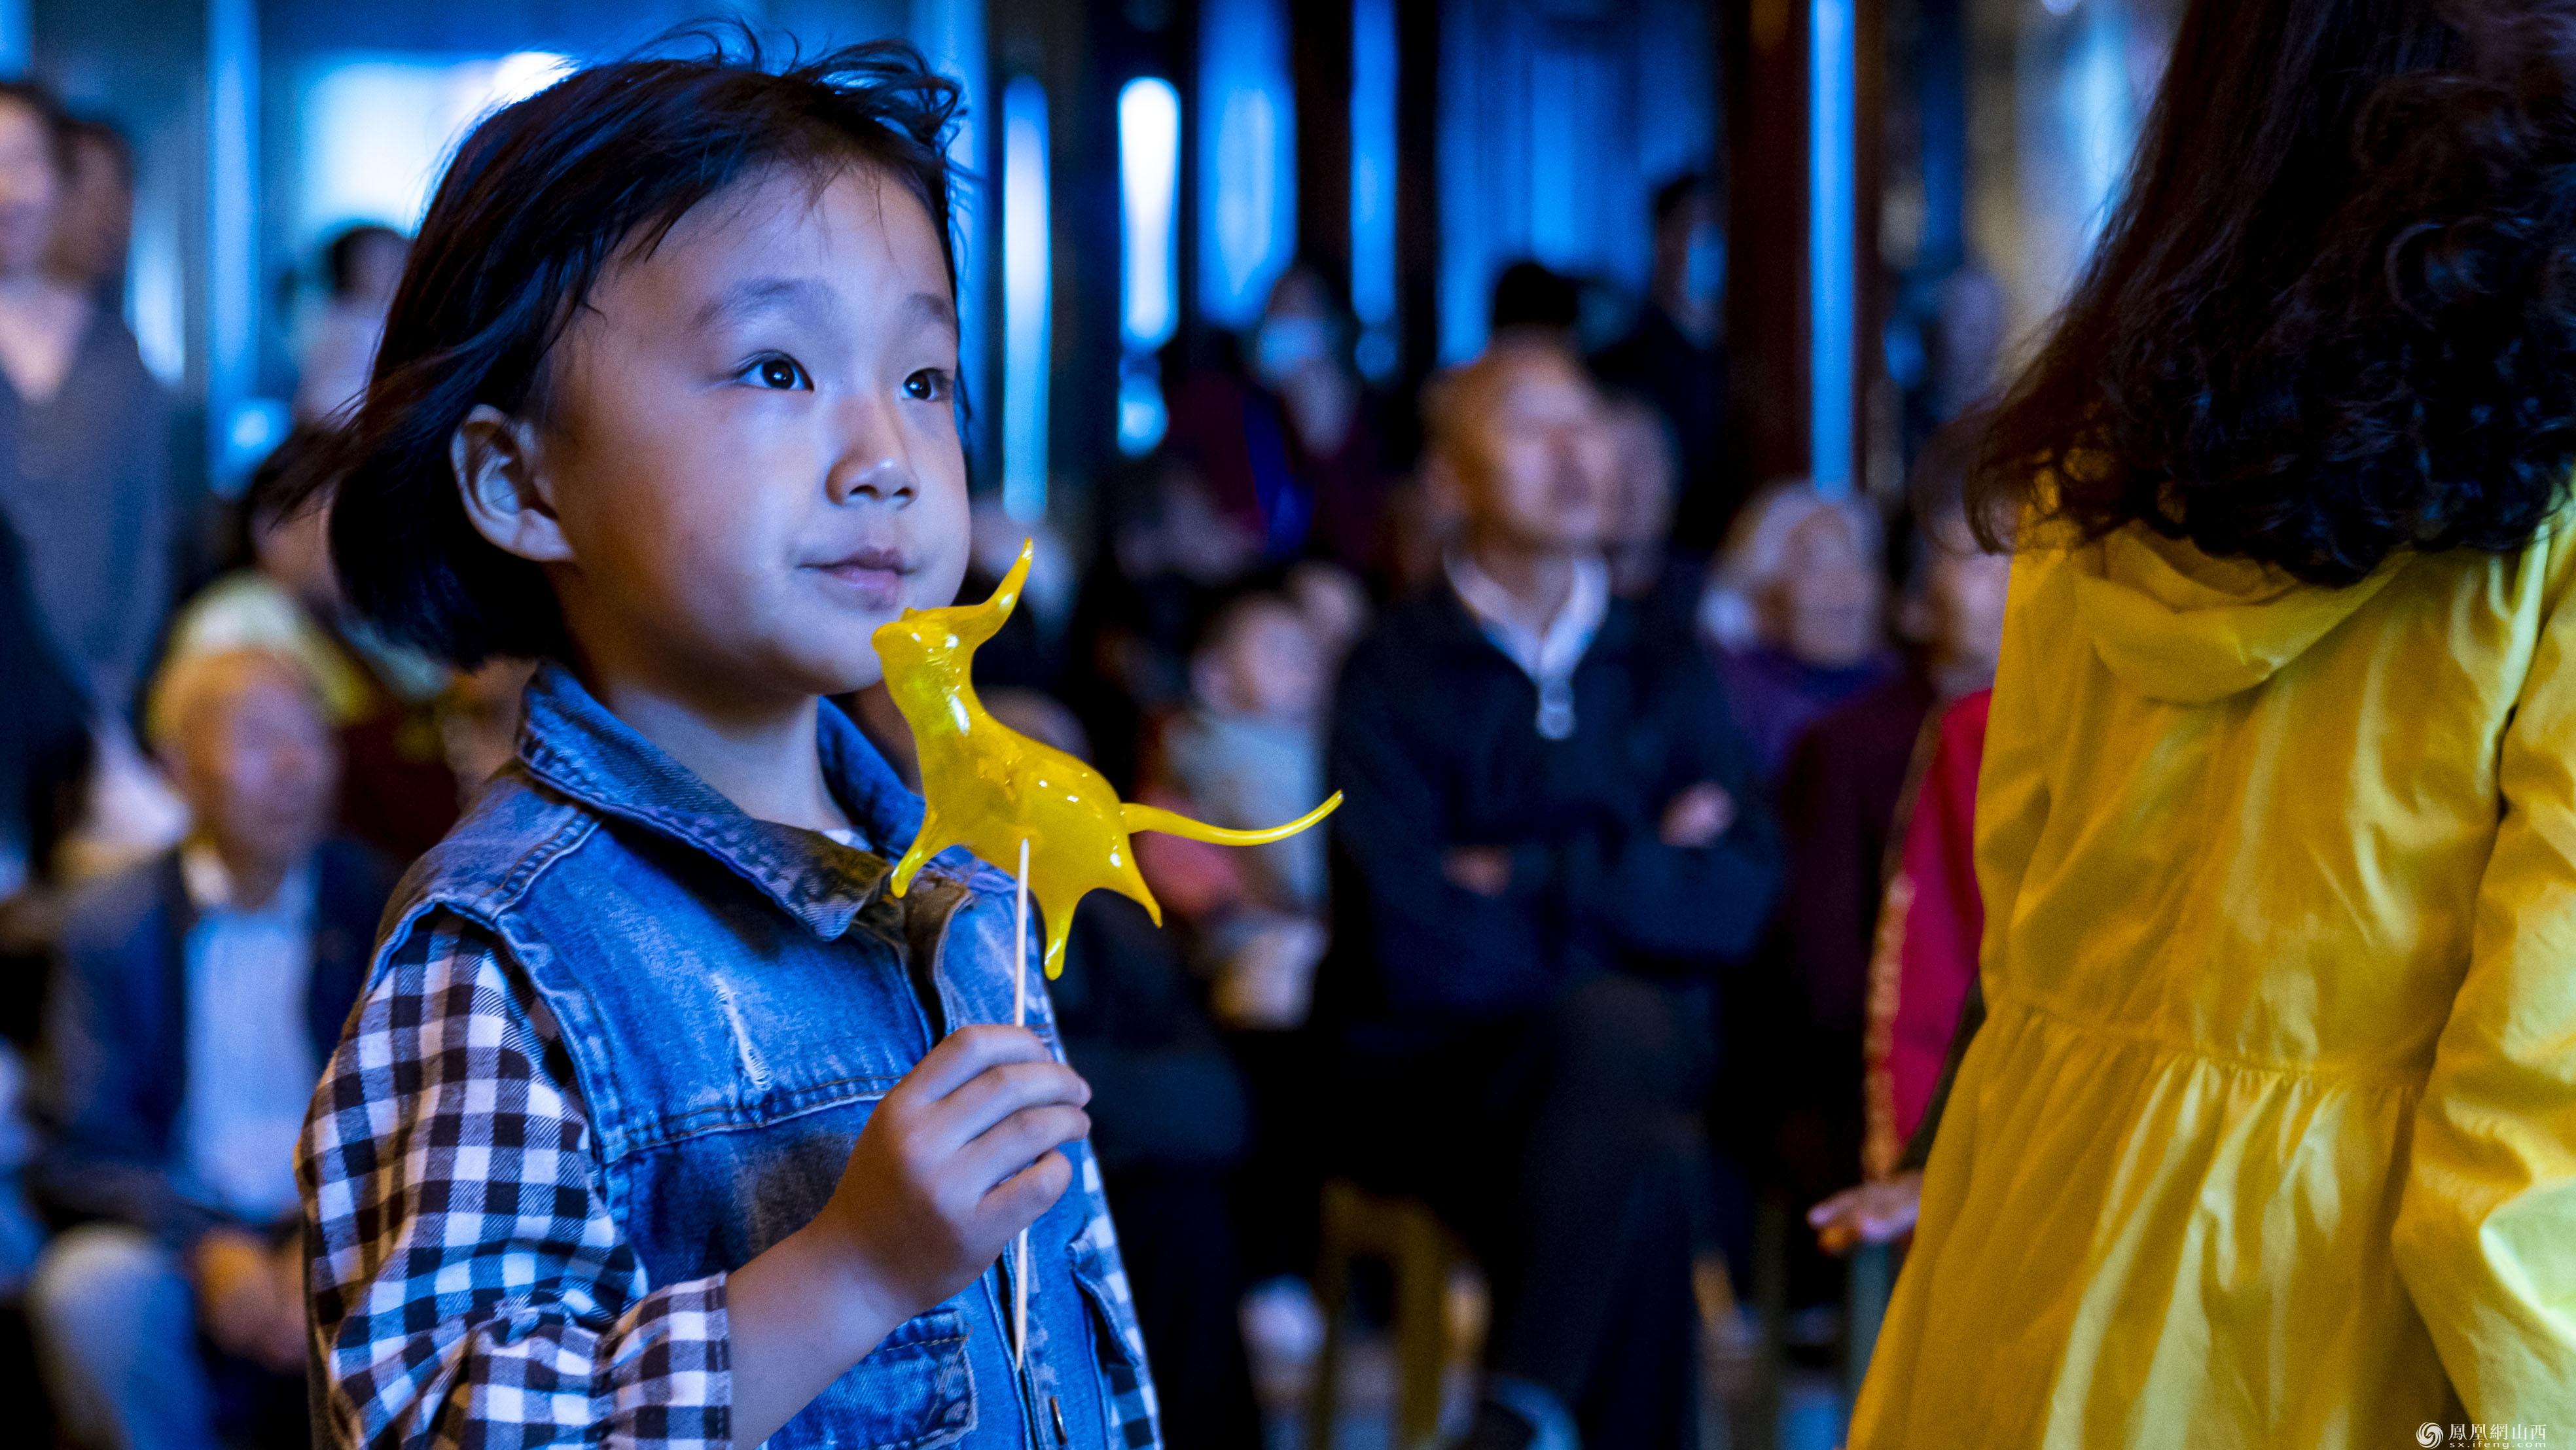 图为观众观看吹糖人表演。卢鹏宇 摄